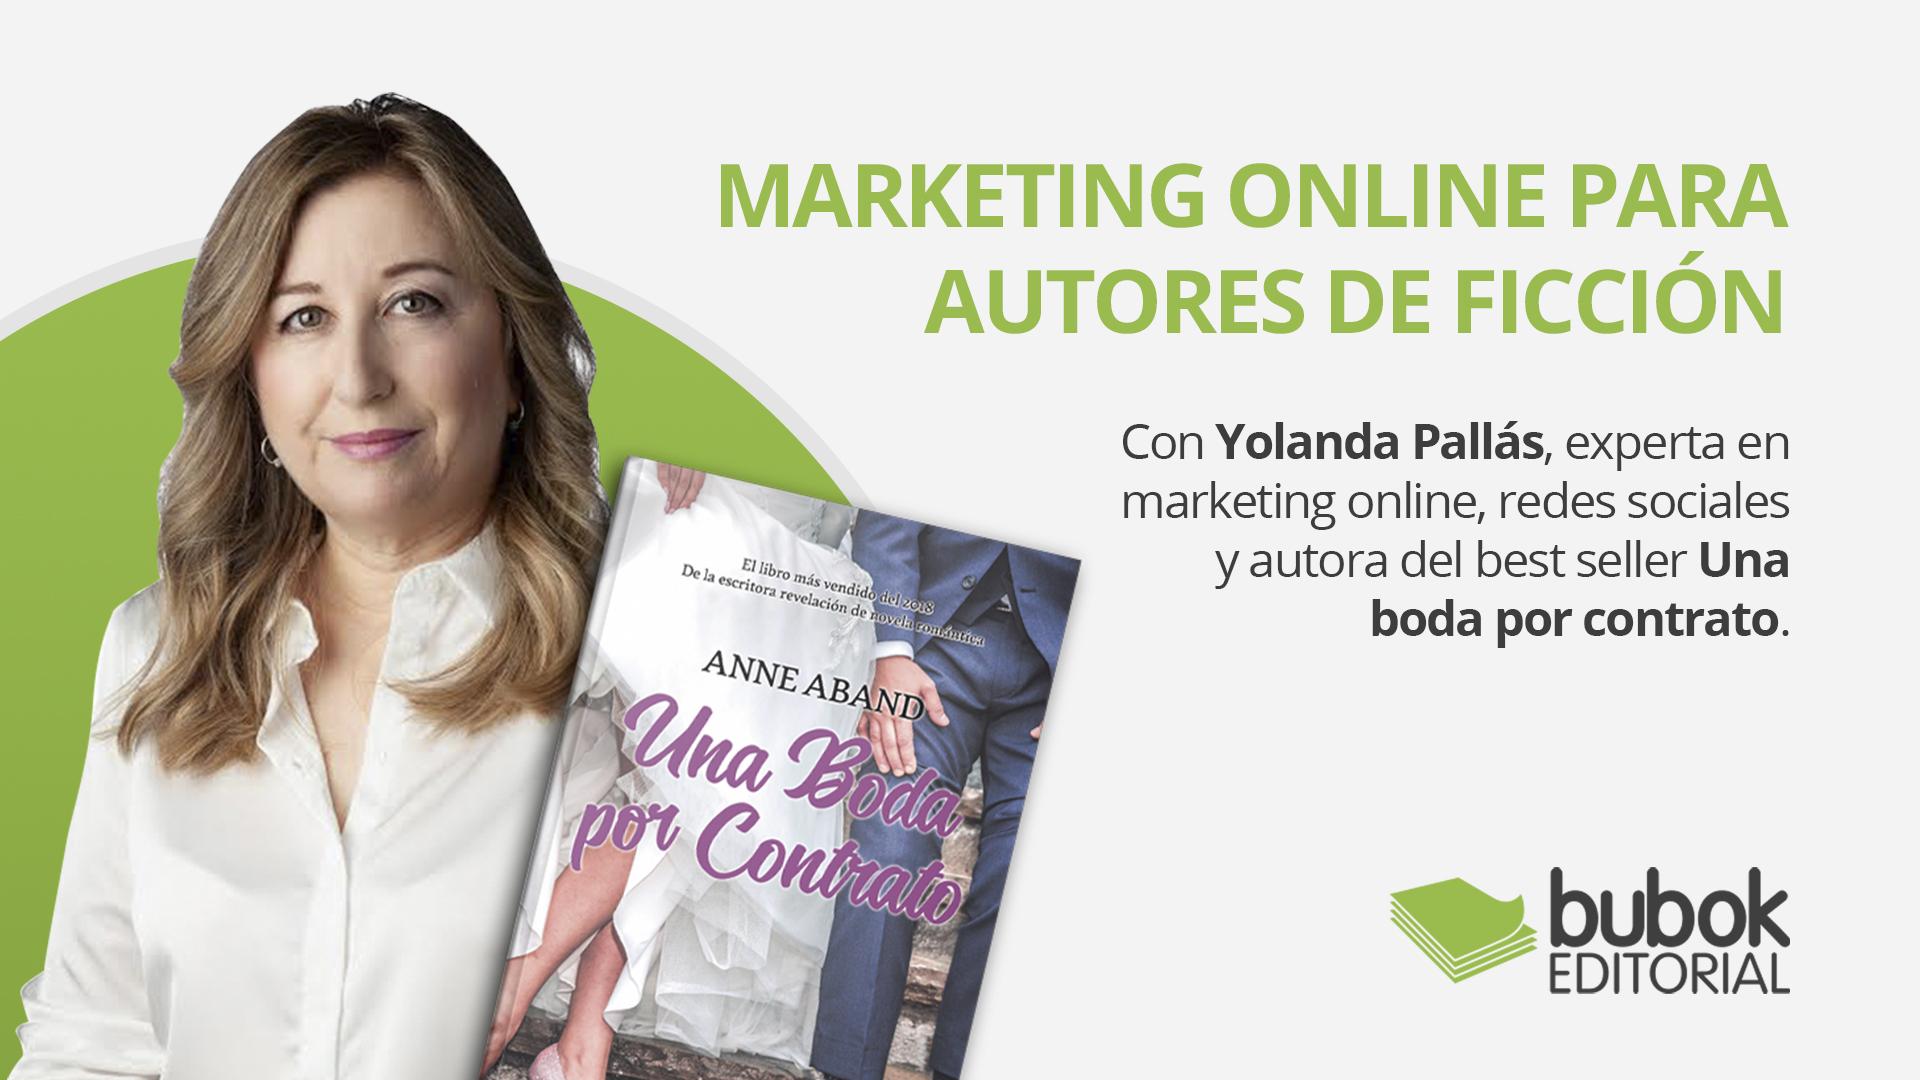 Marketing online para autores de ficción